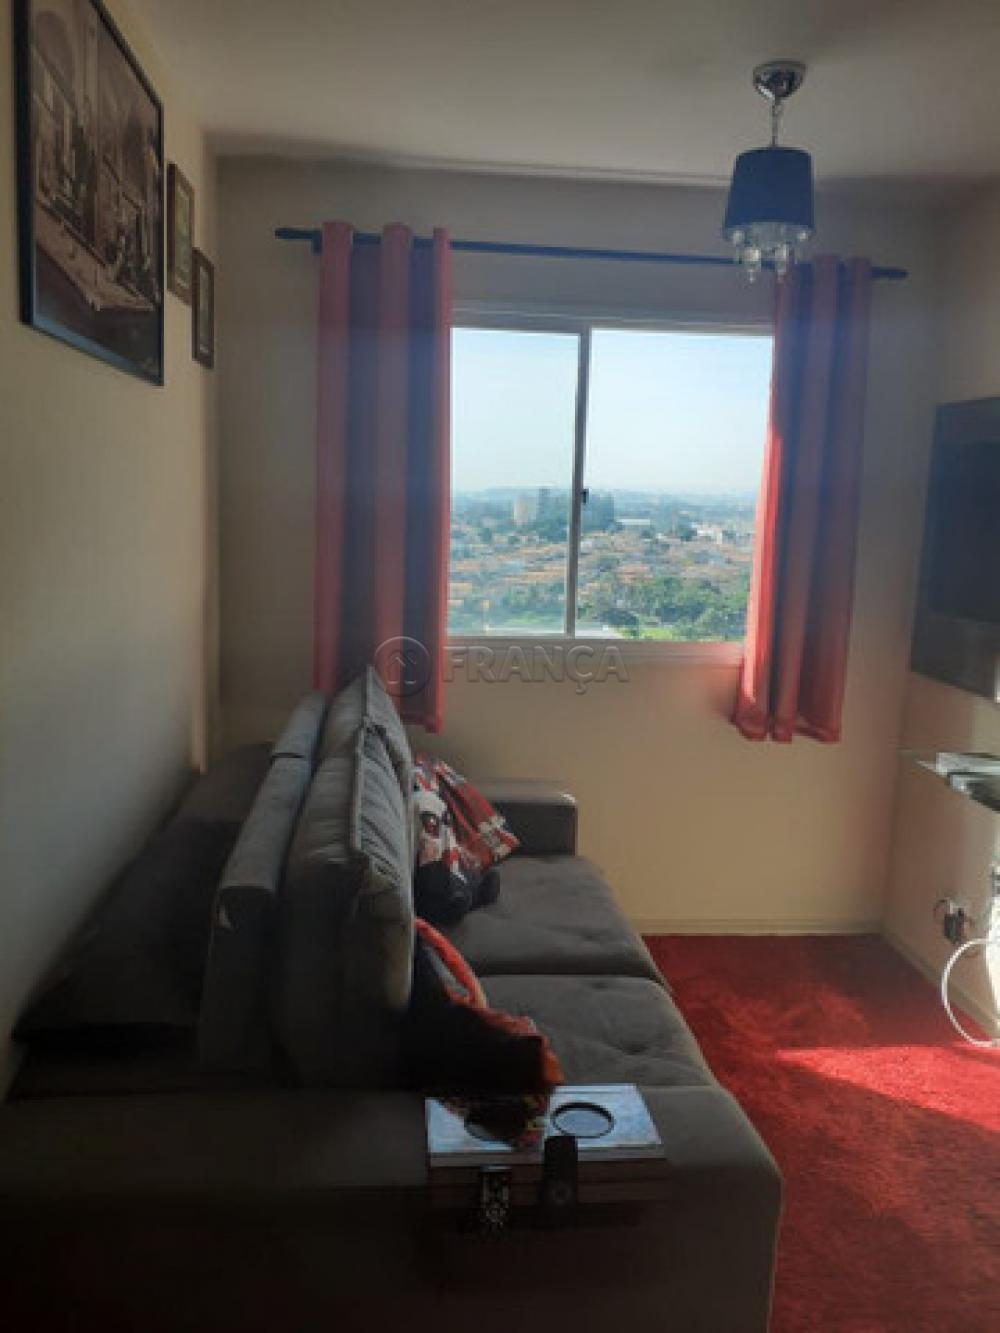 Comprar Apartamento / Padrão em São José dos Campos apenas R$ 225.000,00 - Foto 1